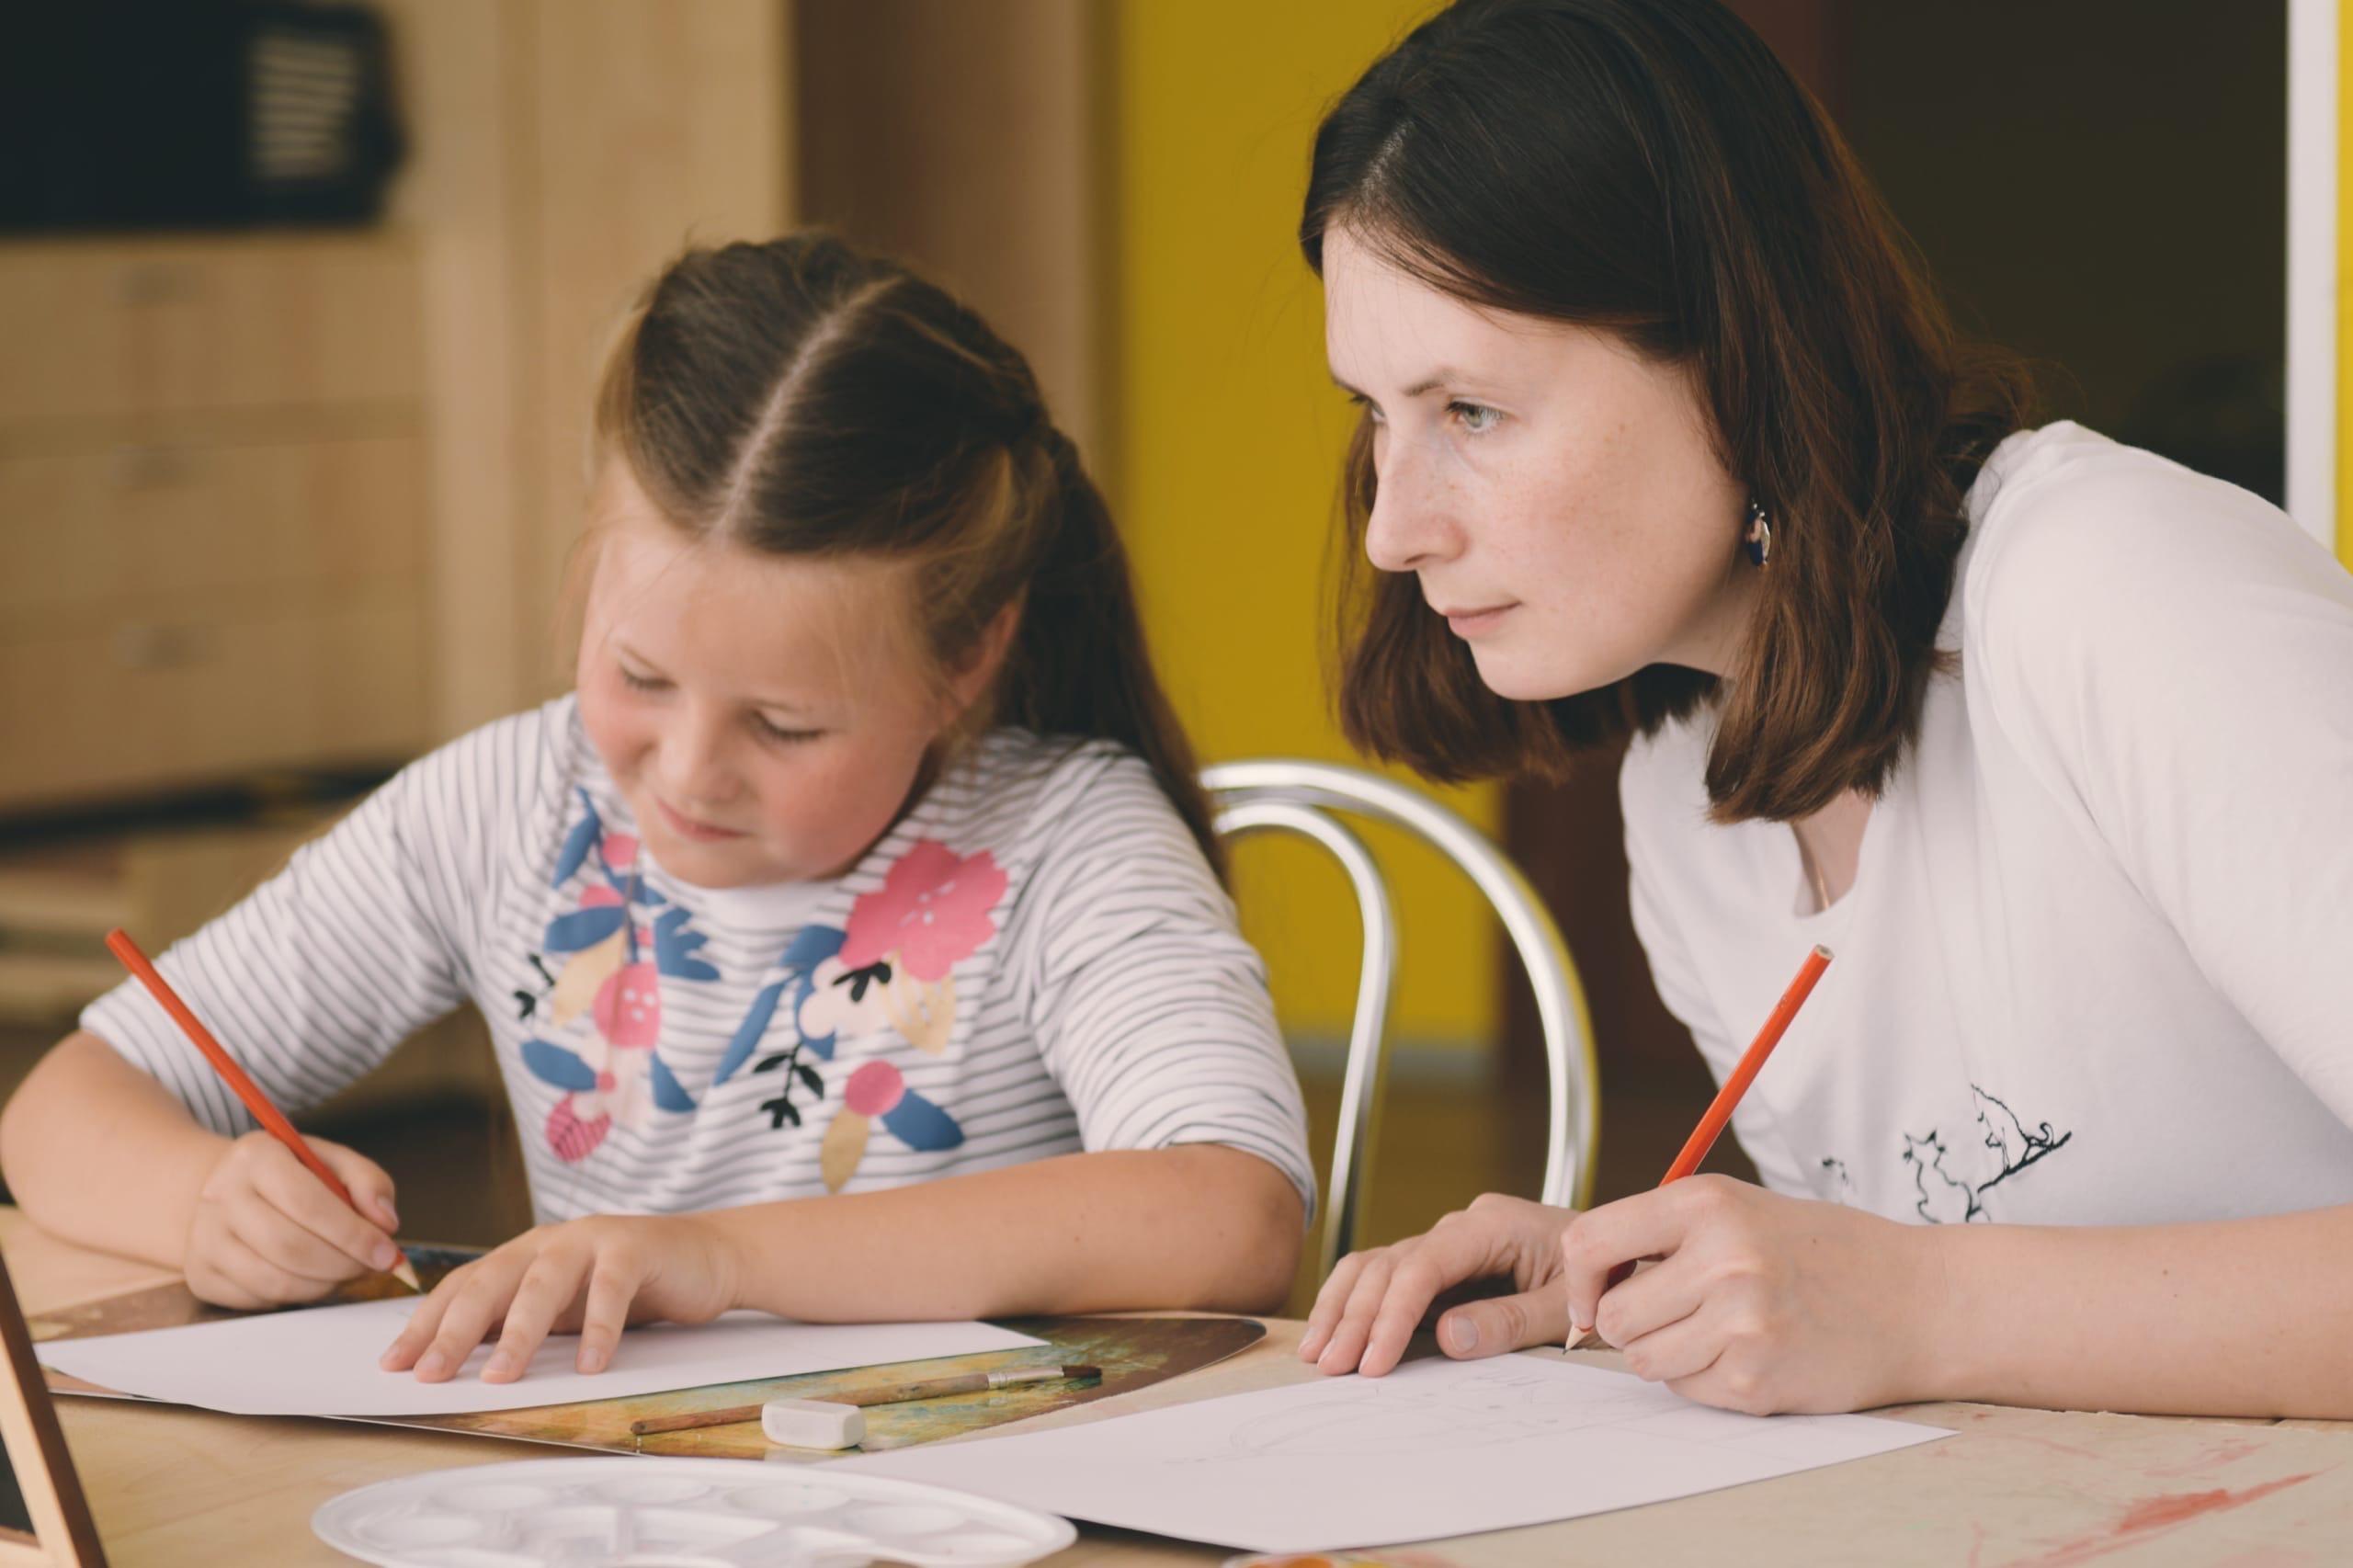 Творческий мастер-класс для детей и родителей провели в Культурном центре «Киевский»